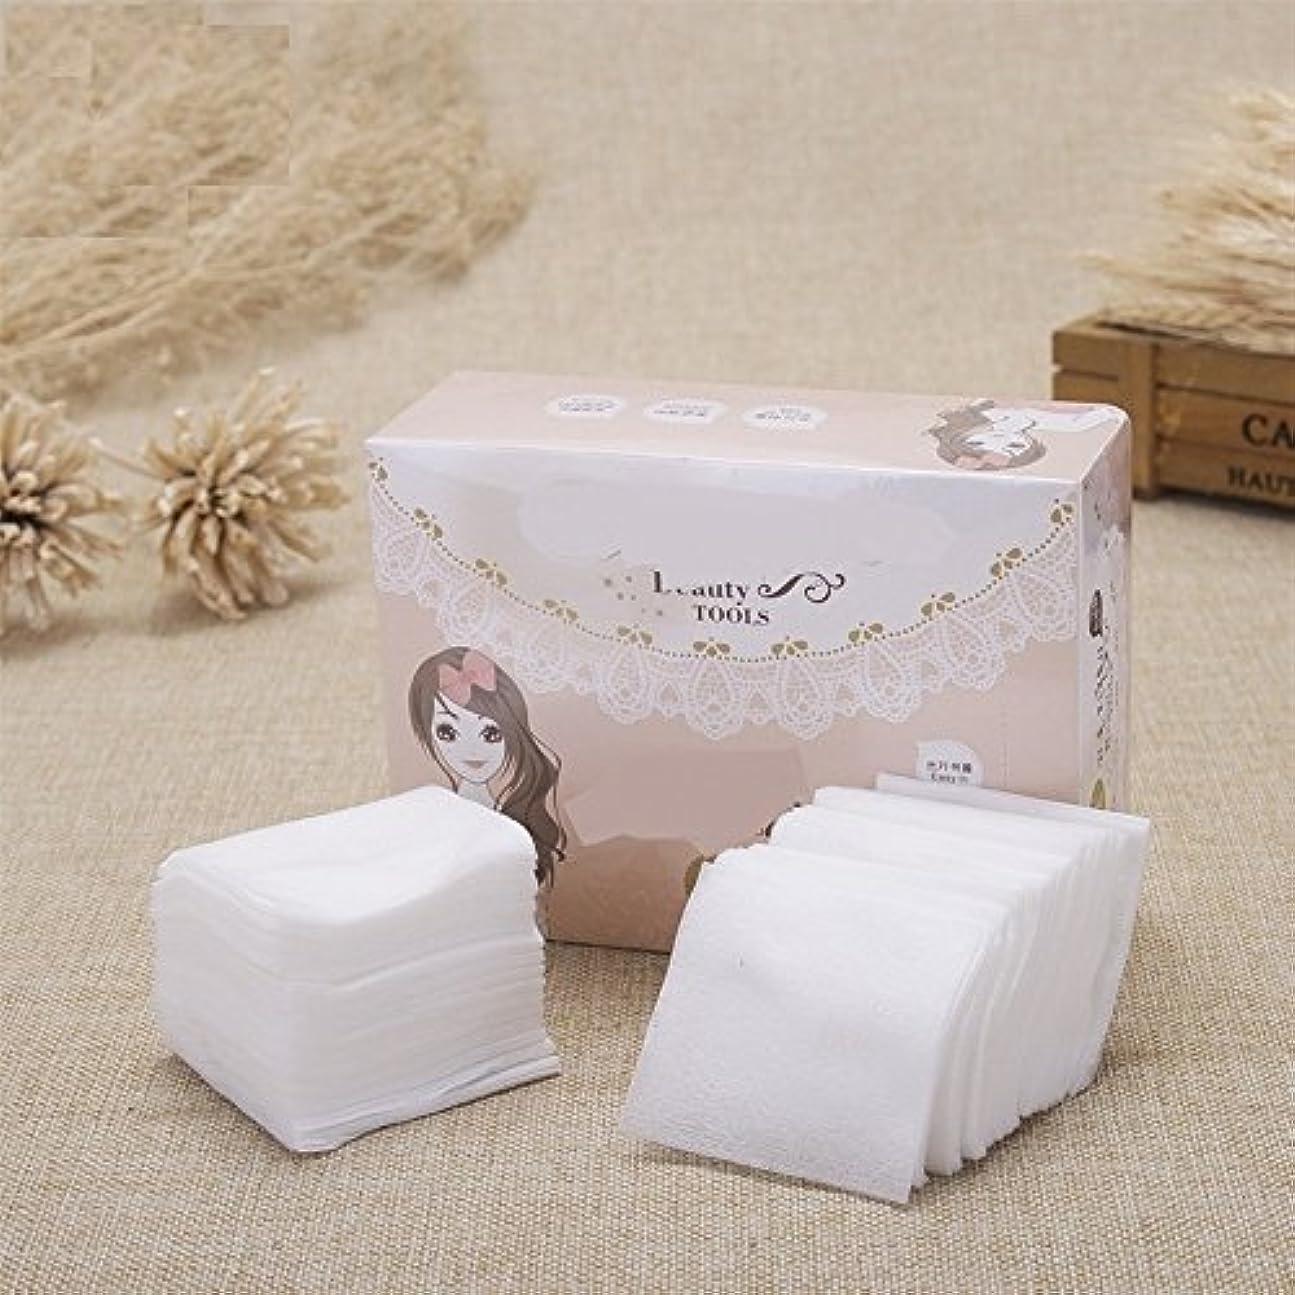 レーザ本物の発揮するAorunji 柔らかい 超薄メイクアップコットンソフト化粧品コットンパッドリントフリーフェイシャルメイクリムーバークリーニングコットン(Appr.300pcs)